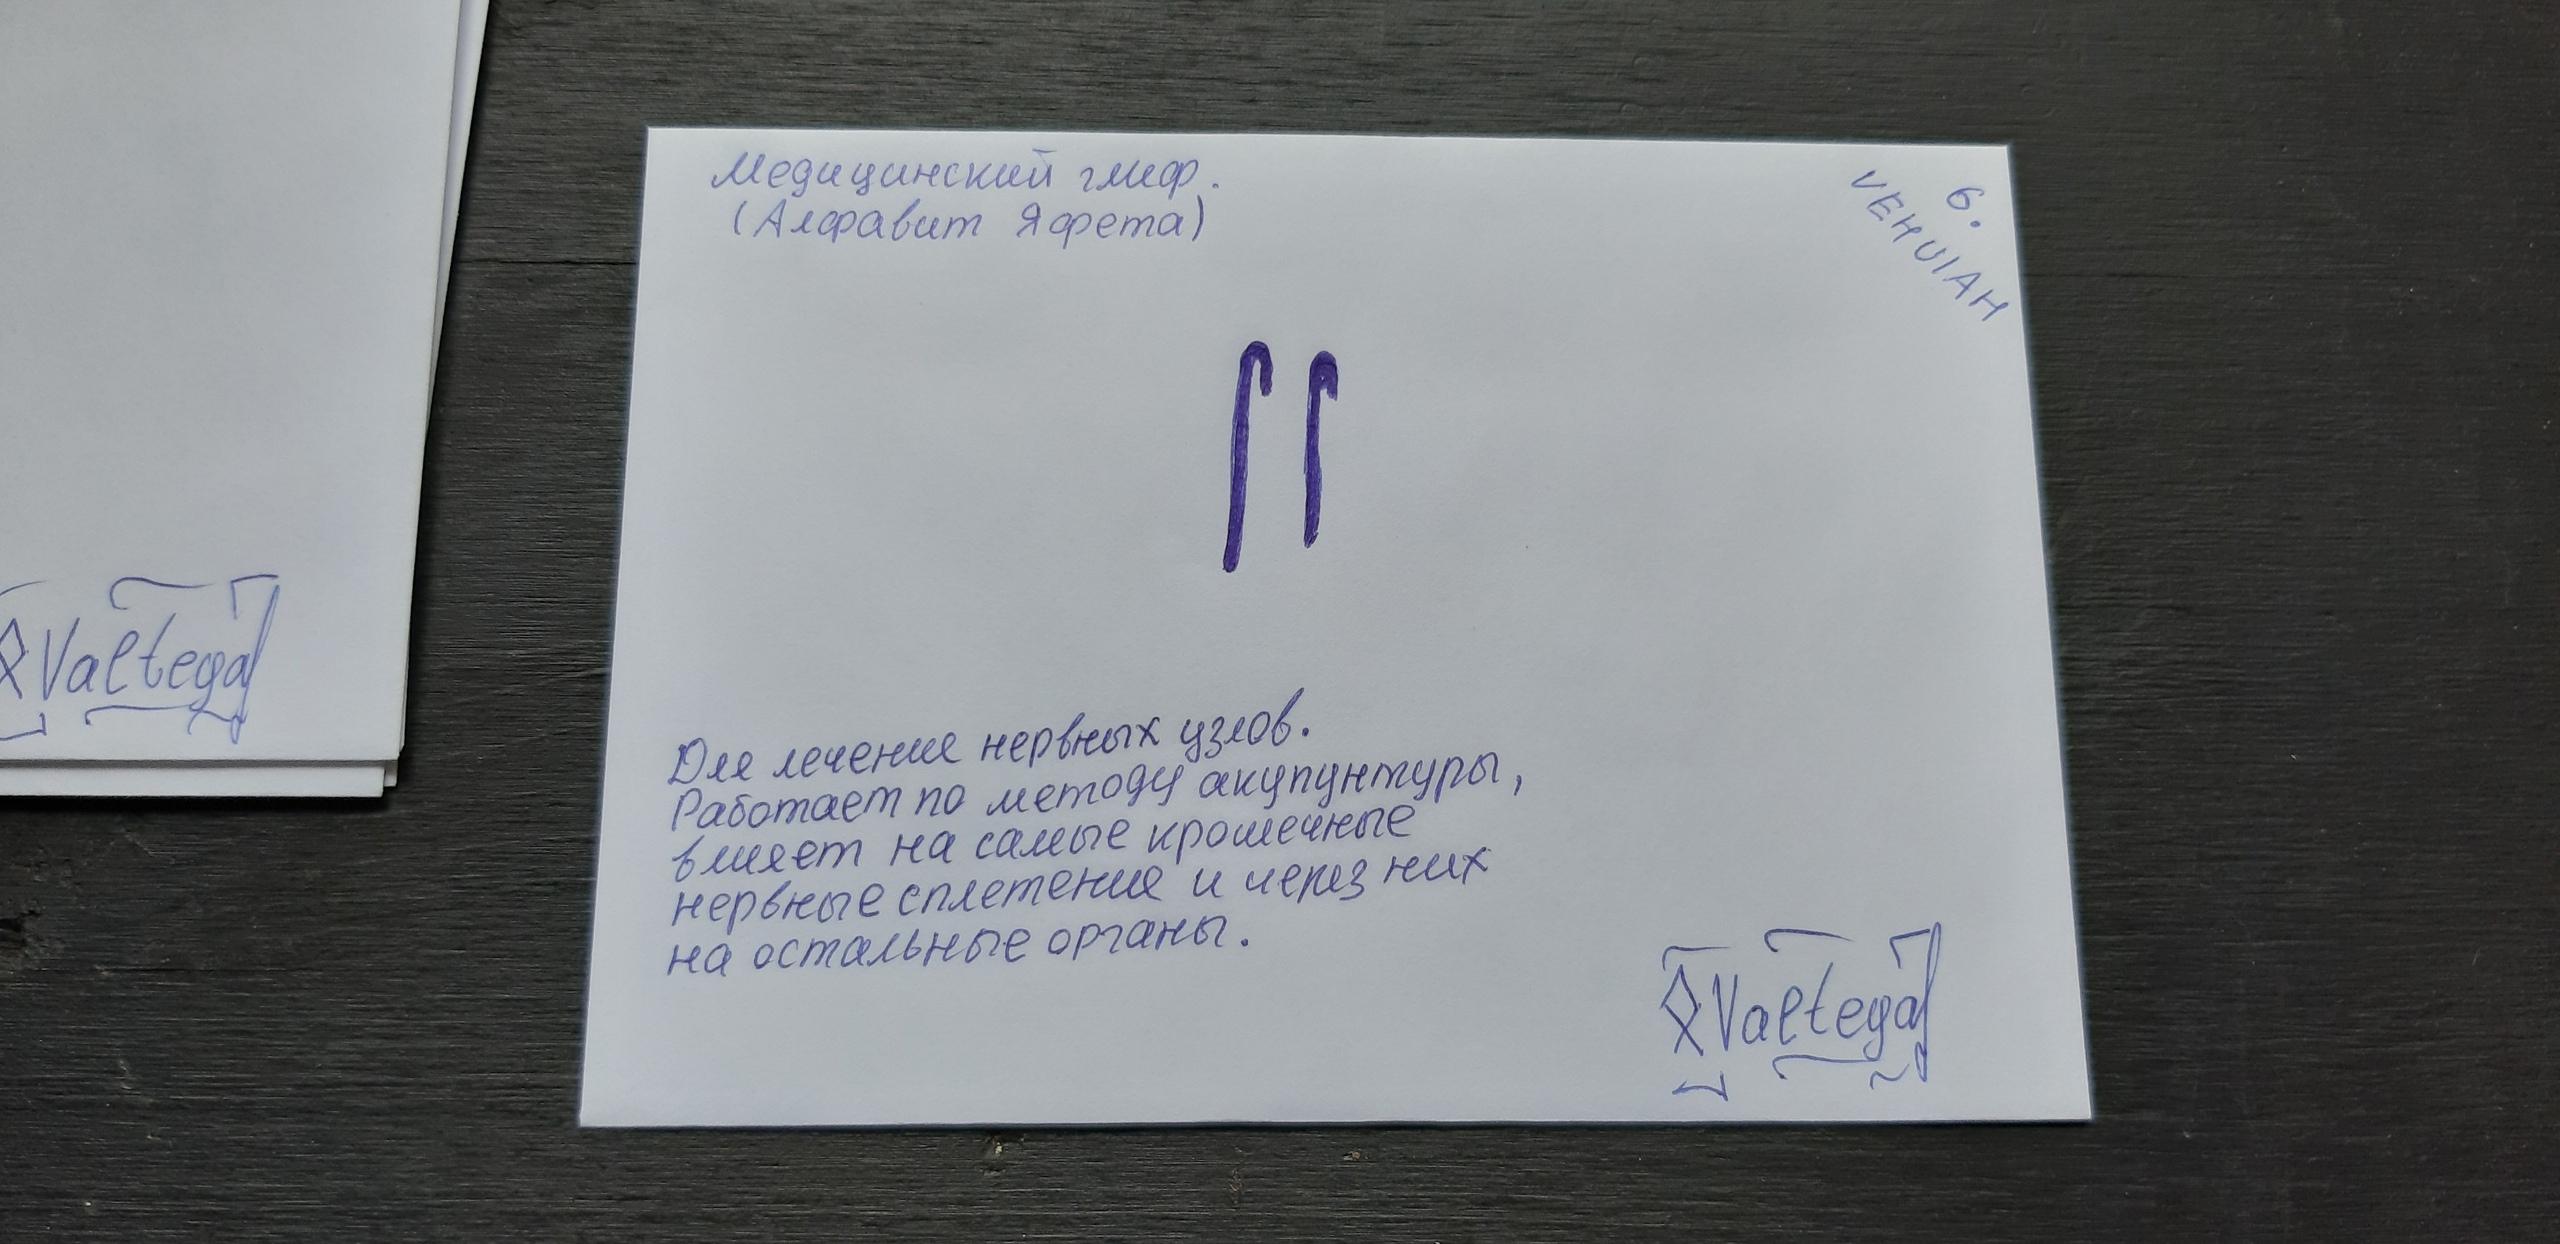 Конверты медицинские глифы. Алфавит Яфета Jm1evhI9JE8